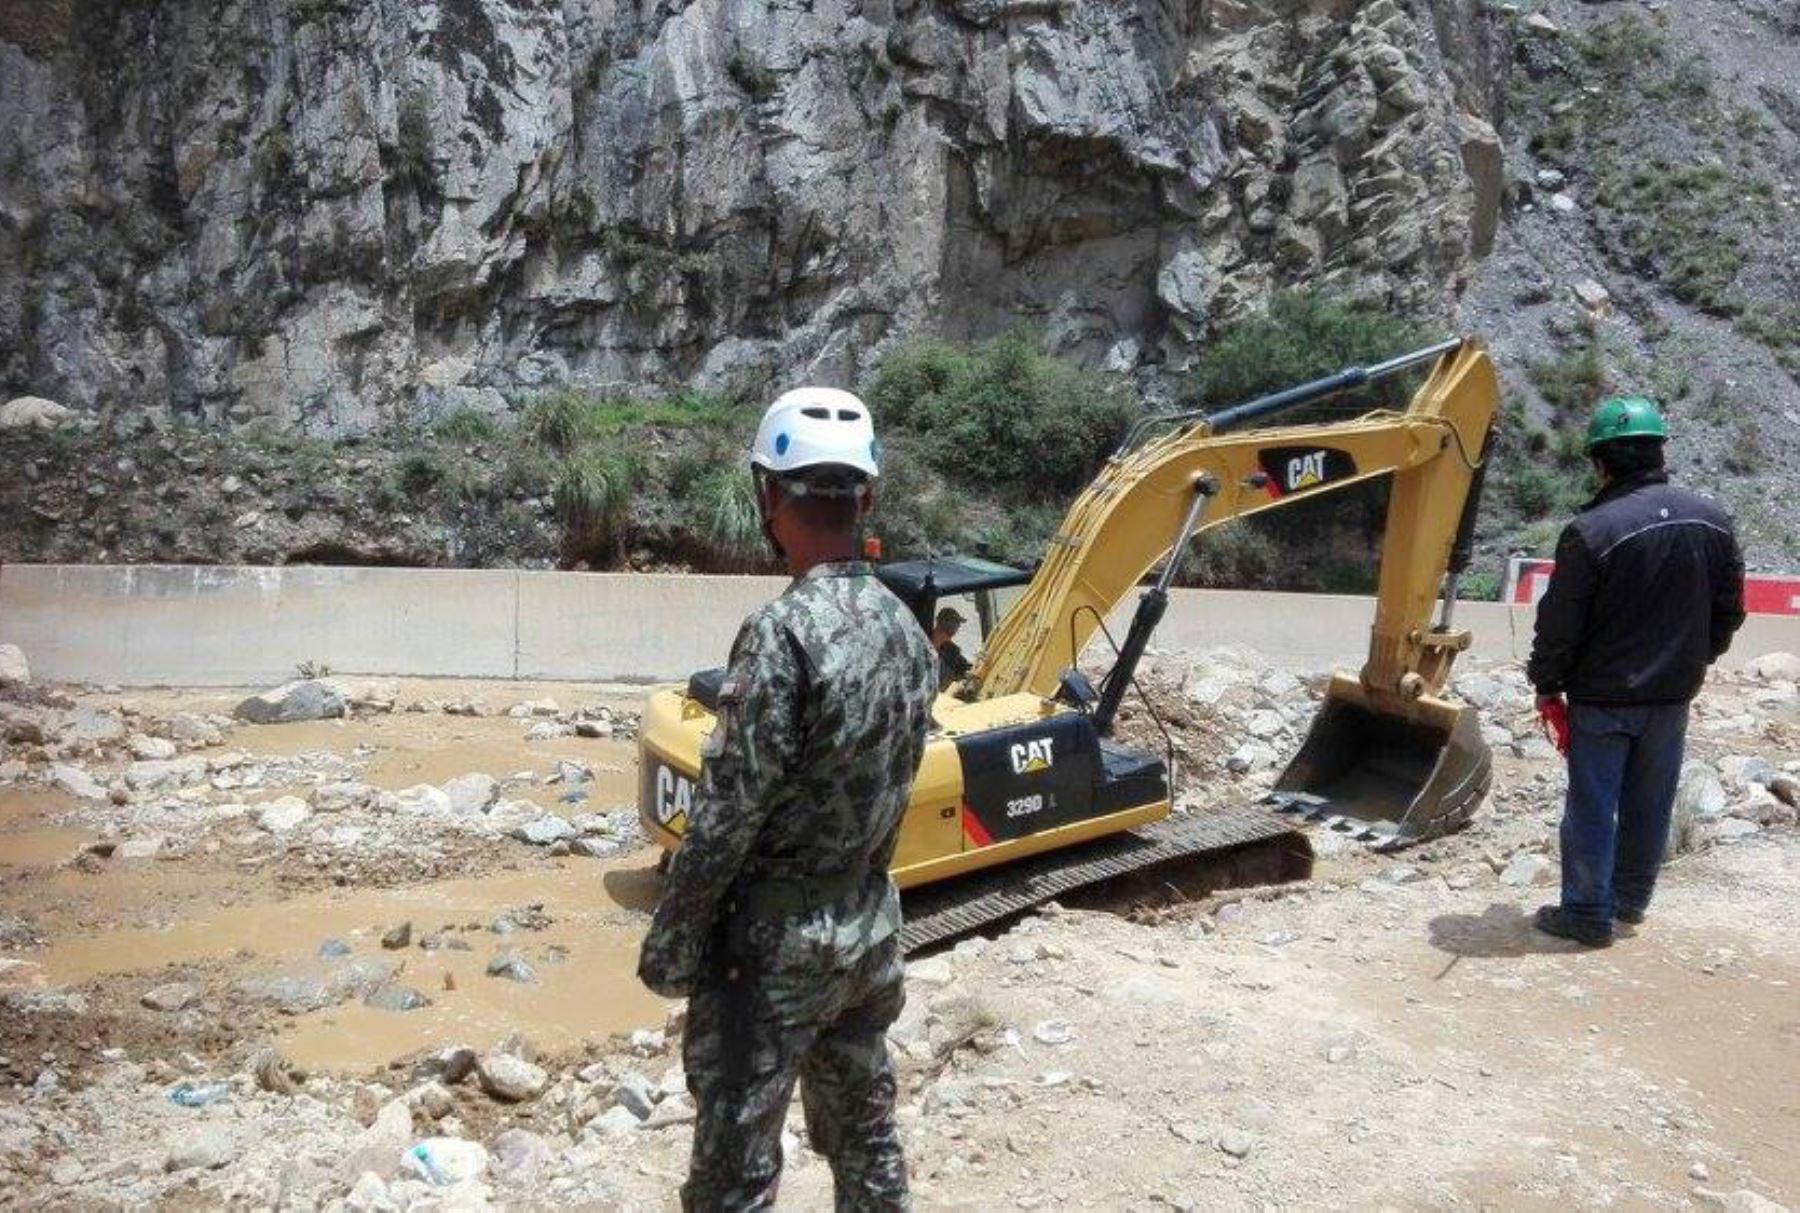 El Comando Conjunto de las Fuerzas Armadas y sus diversos Comandos Operacionales despliegaron personal militar en las zonas afectadas por inundaciones y huaicos en diversos puntos del país, a consecuencia del fenómeno El Niño. Difusión